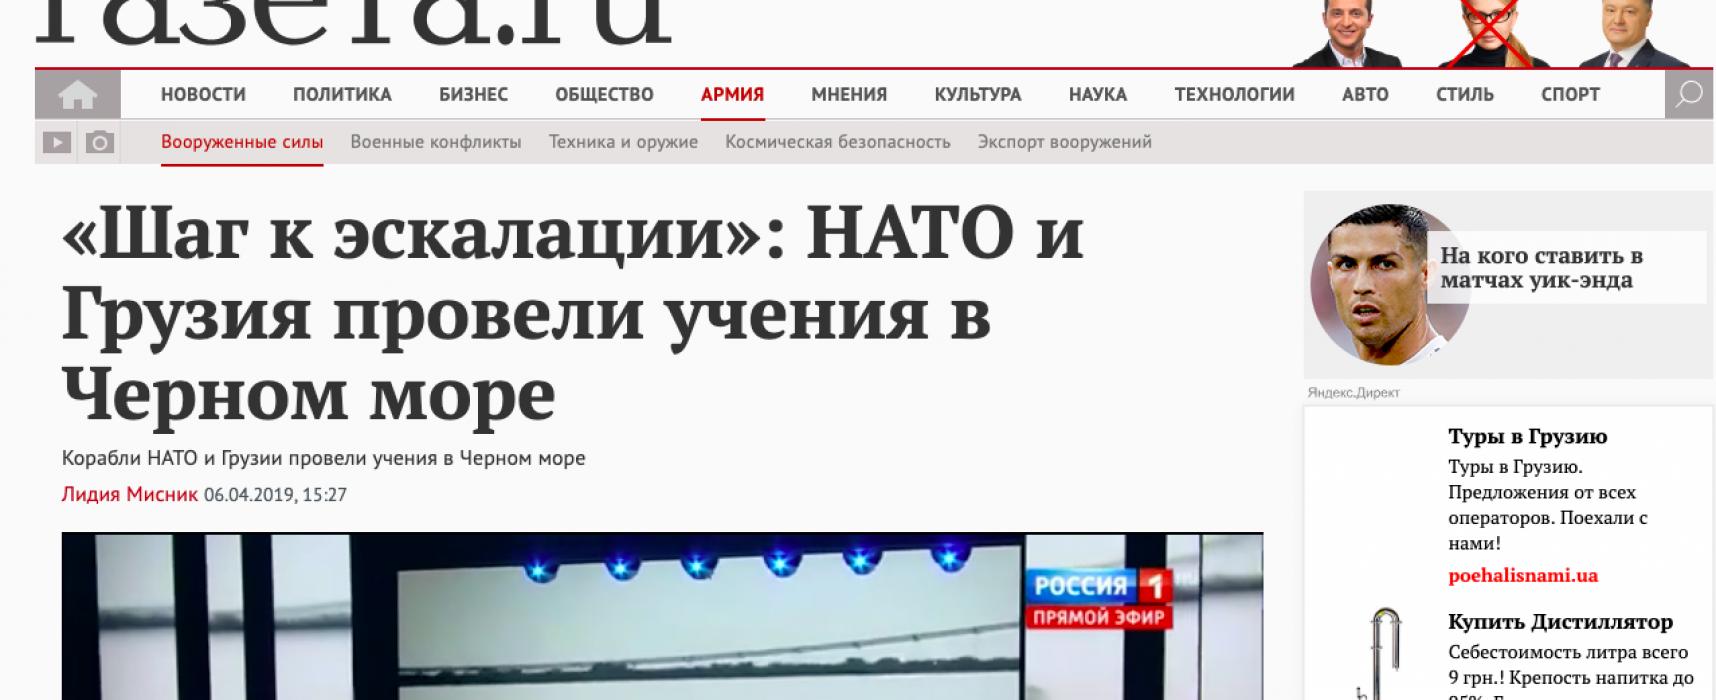 Фейк: НАТО, Украина и Грузия накаляют обстановку в Черноморском регионе